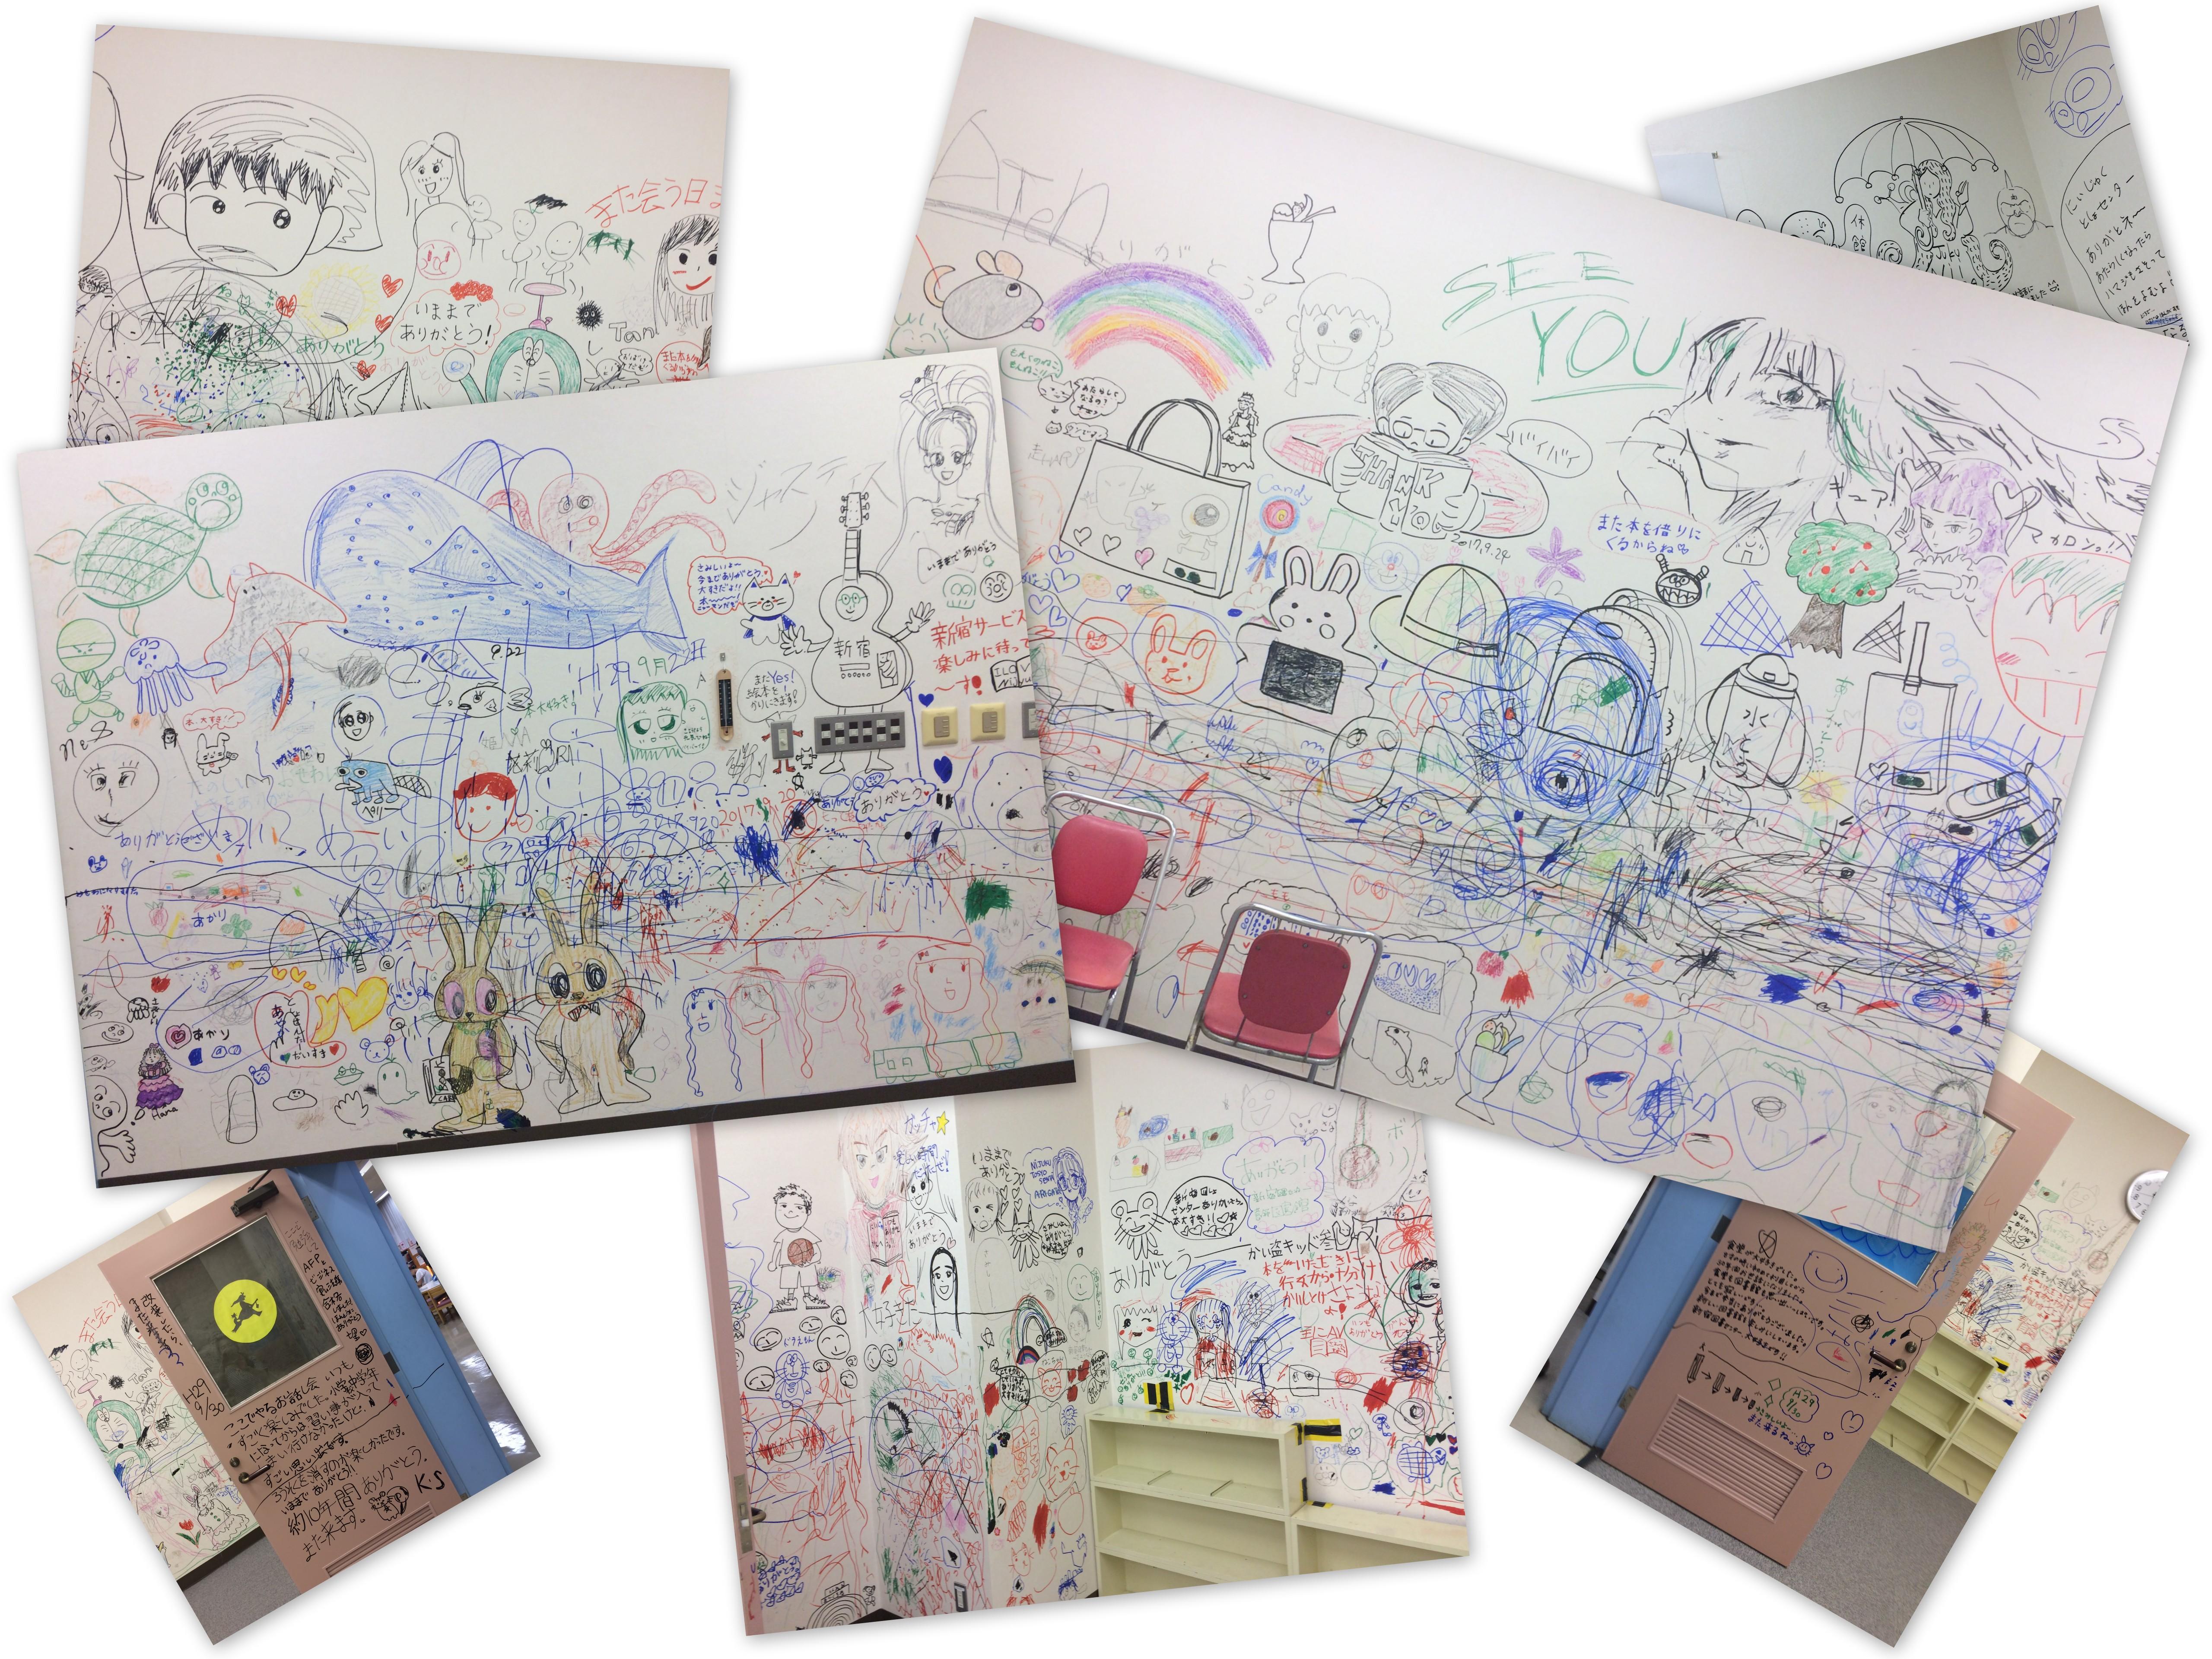 葛飾区立新宿図書センターおはなし室にお絵描き最終日